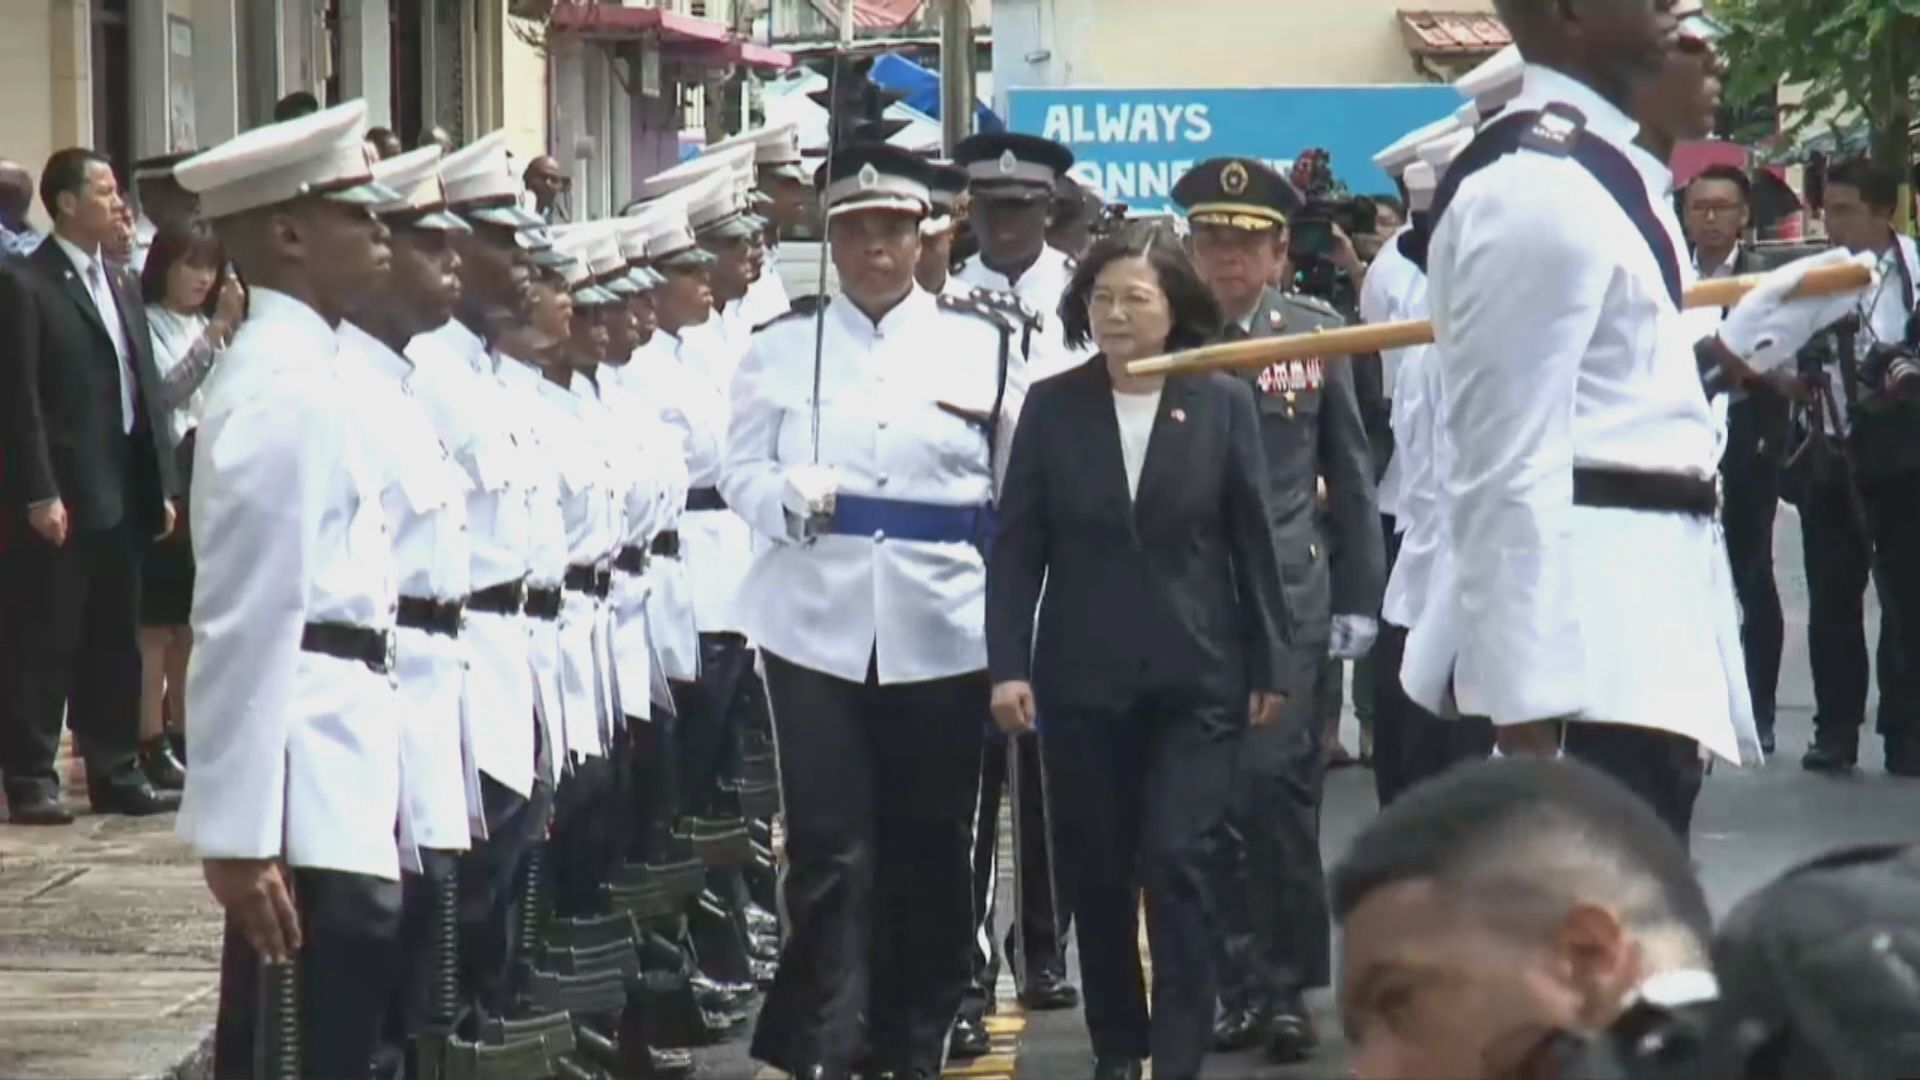 蔡英文外訪發言 指台灣合作模式無債務陷阱